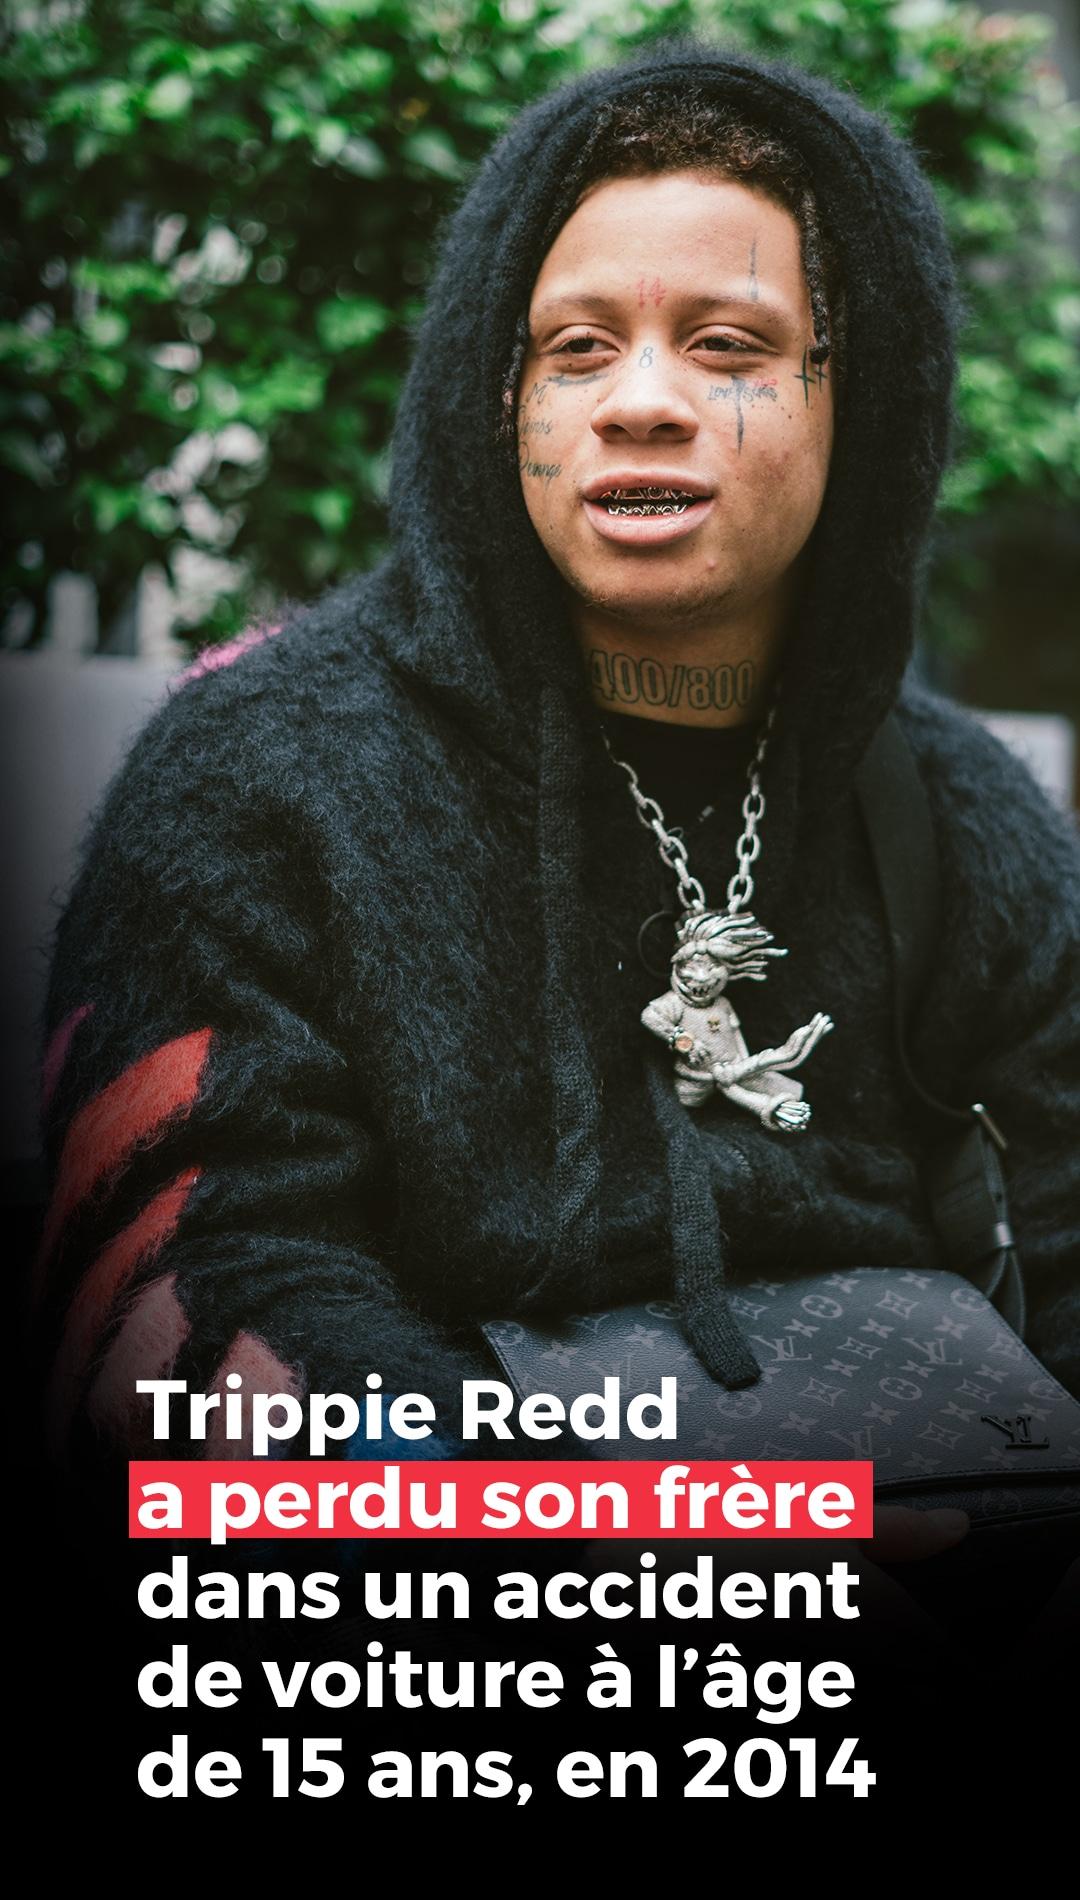 Trippie Redd